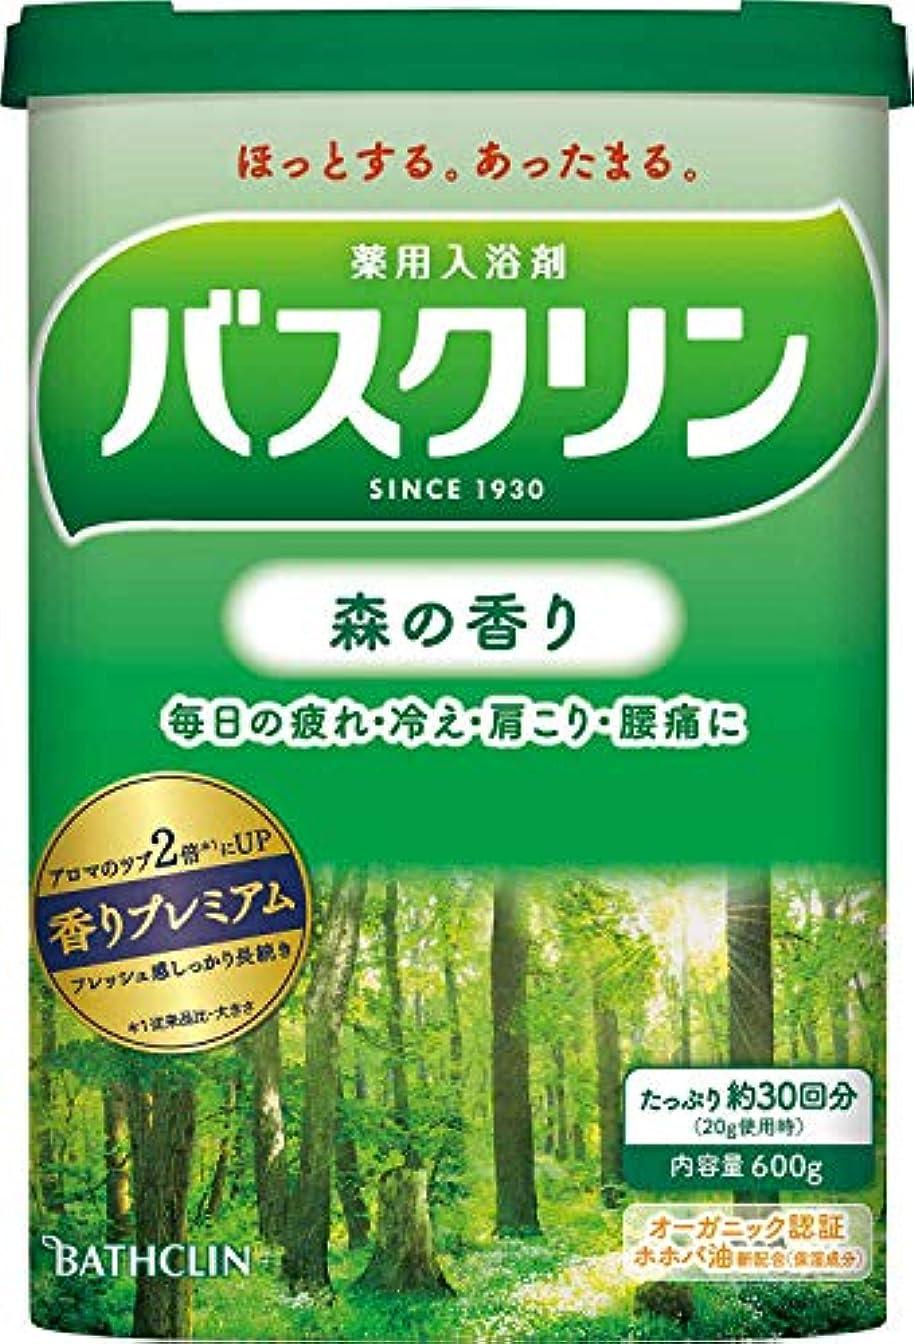 ホイップふざけた光沢のある【医薬部外品】バスクリン入浴剤 森の香り600g入浴剤(約30回分) 疲労回復